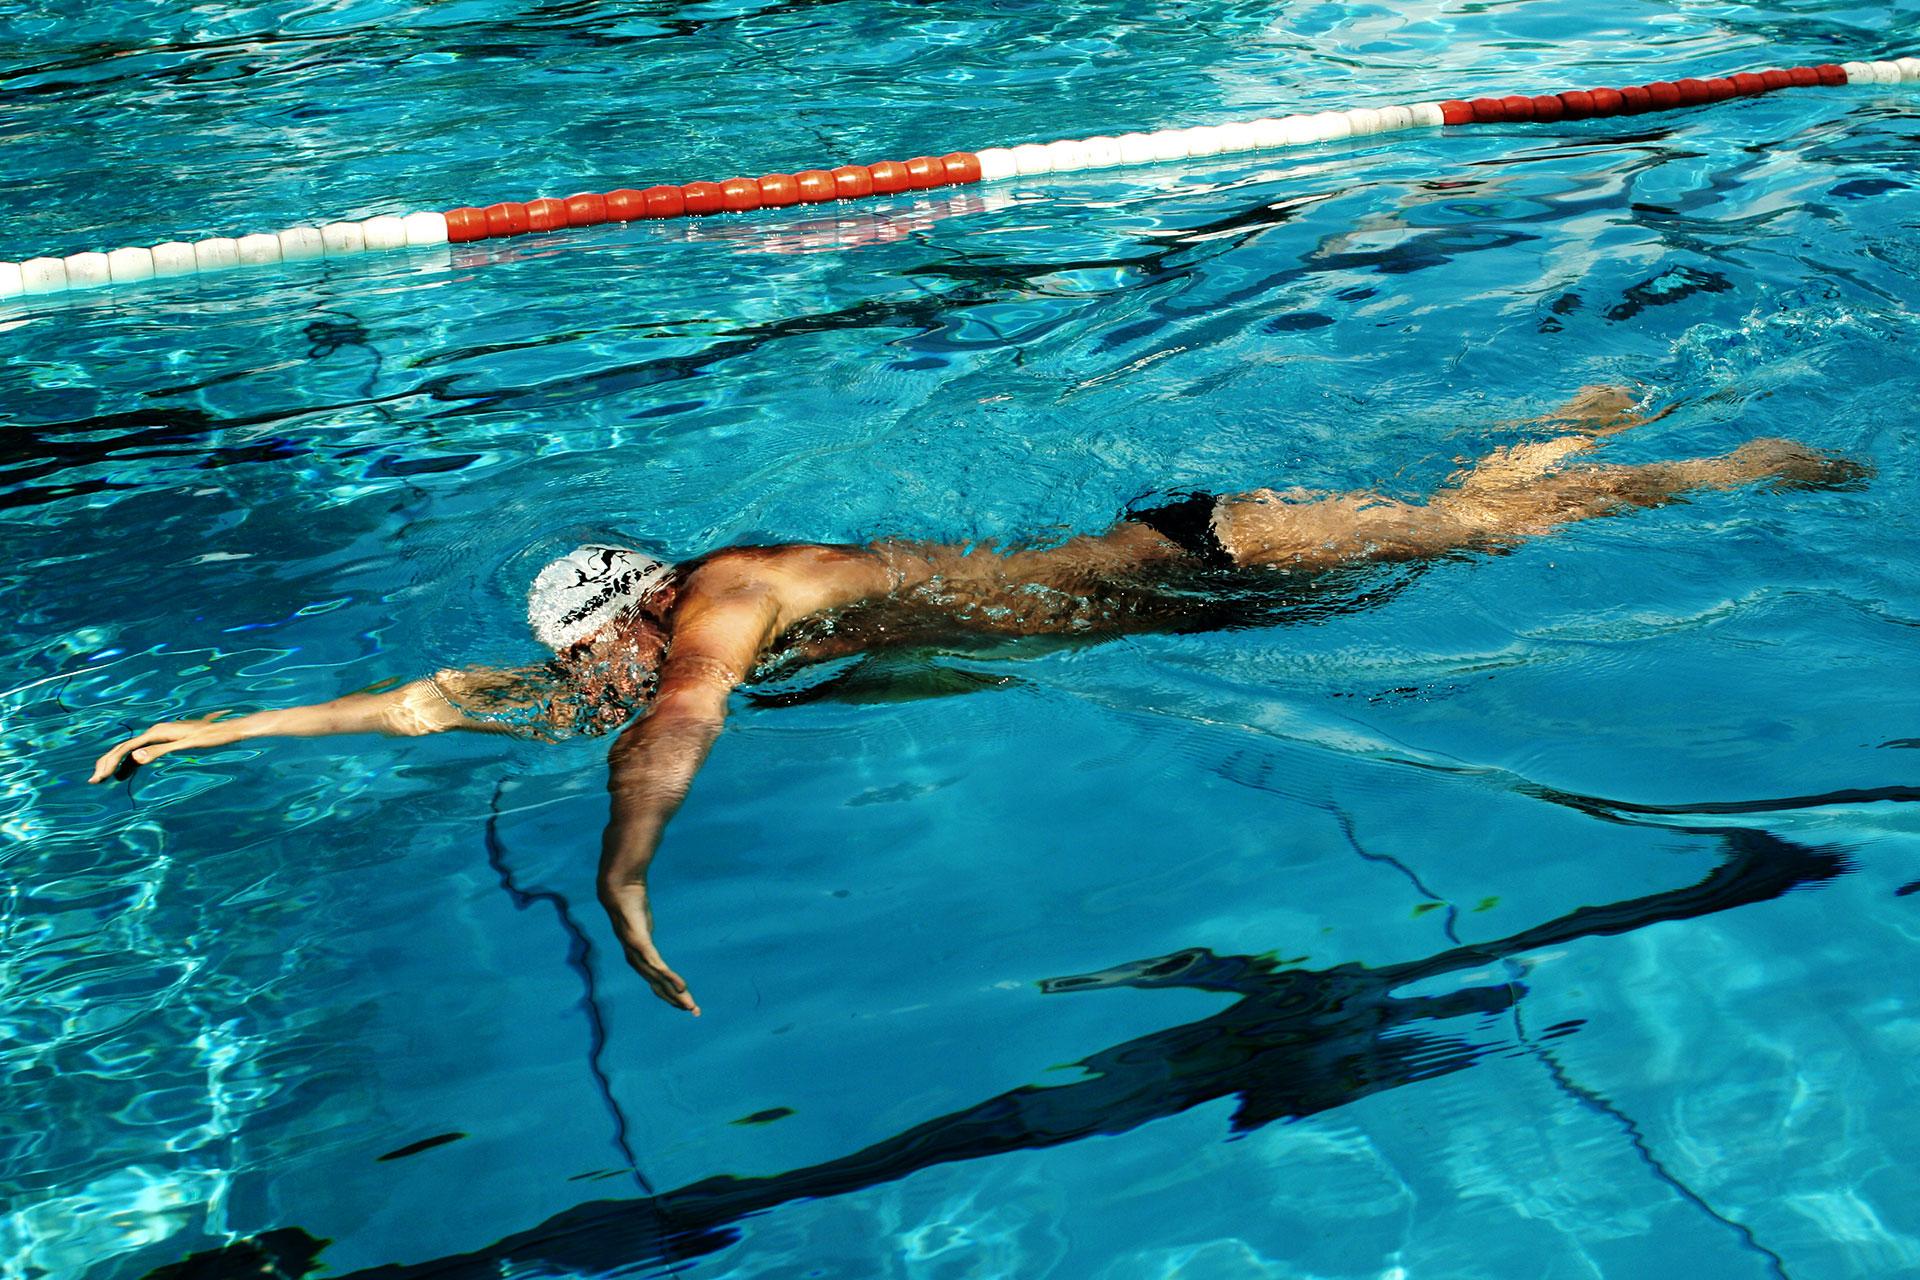 Trainingshilfen für's Schwimmen richtig eingesetzt